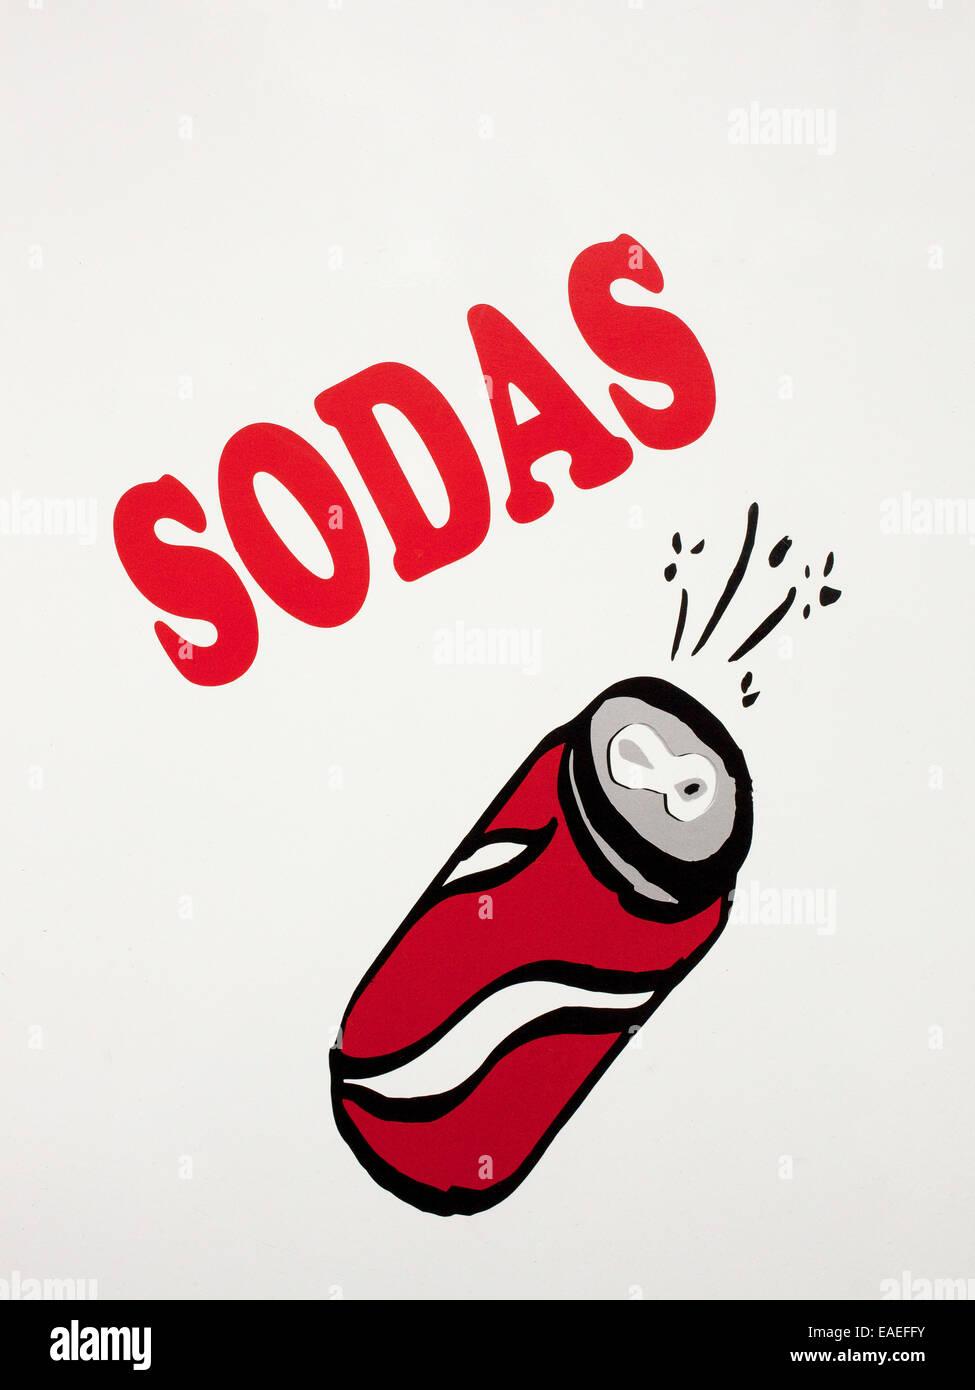 Publicidad signo pintados a mano para la venta de soda Imagen De Stock